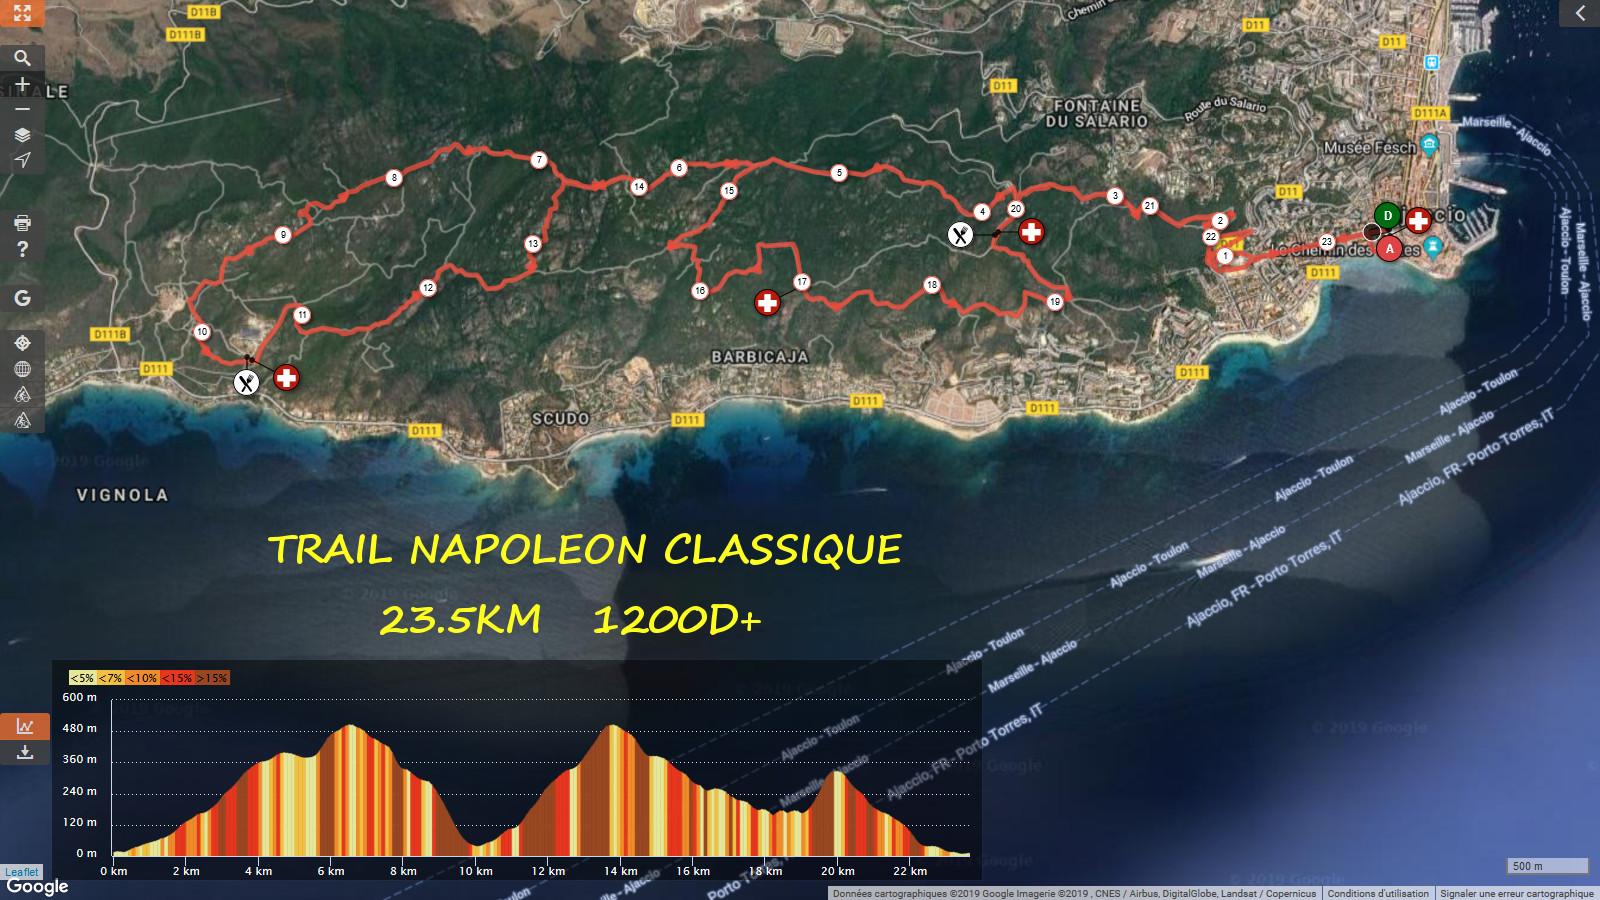 Parcours Trail Napoléon Classique (23 km) Détaillé (Maj 01/03/2019)